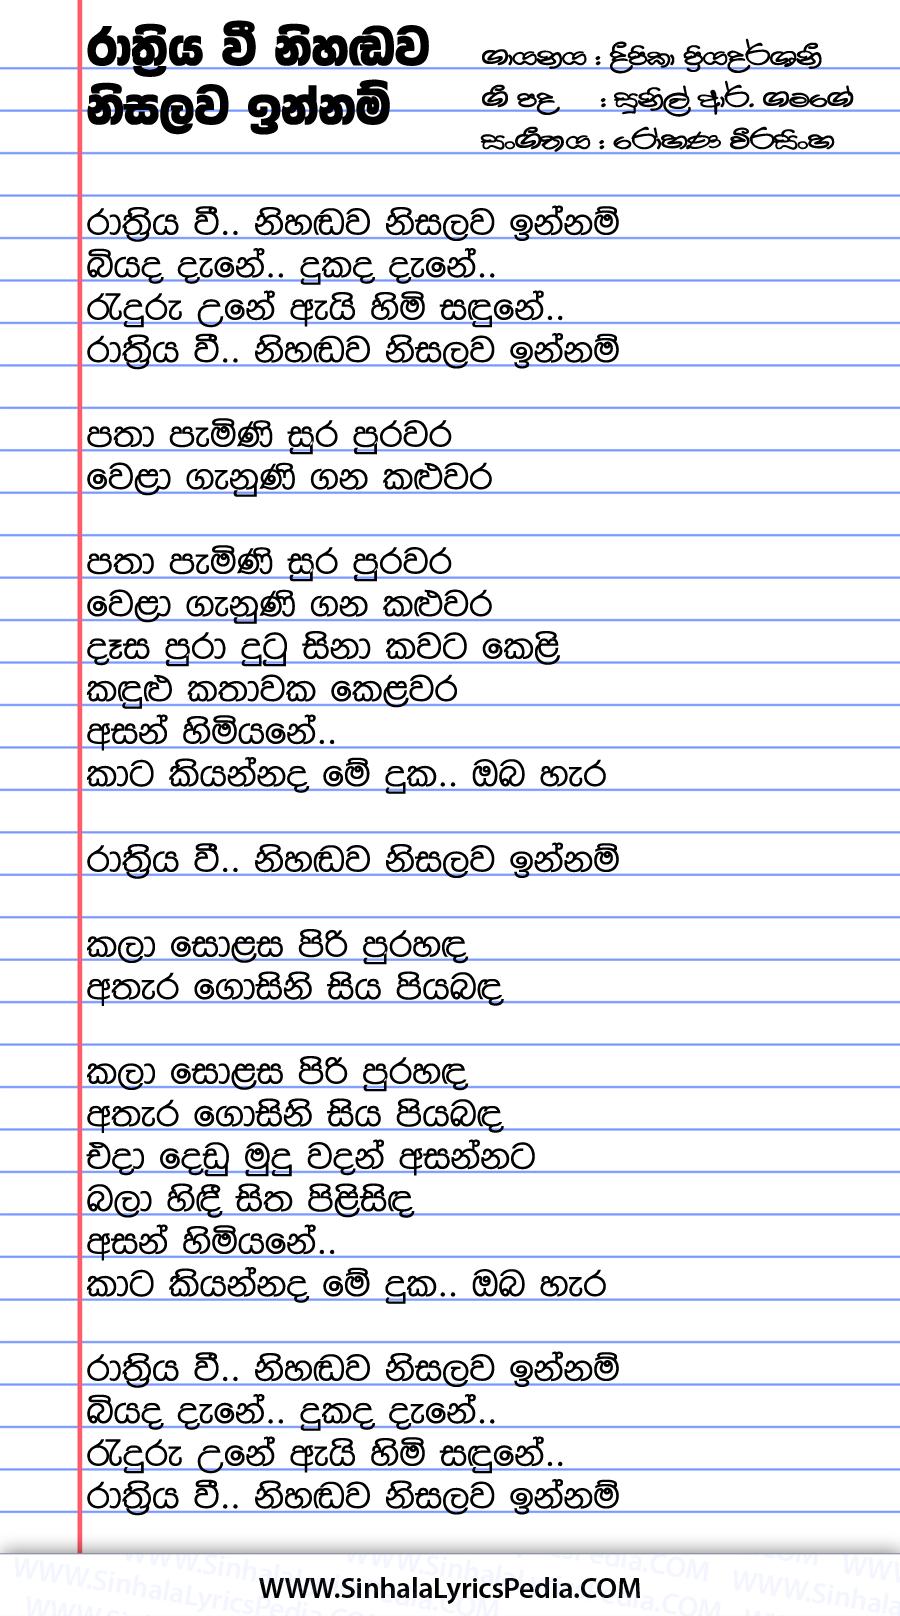 Rathriya Wee Nihandawa Nisalawa Innam Song Lyrics